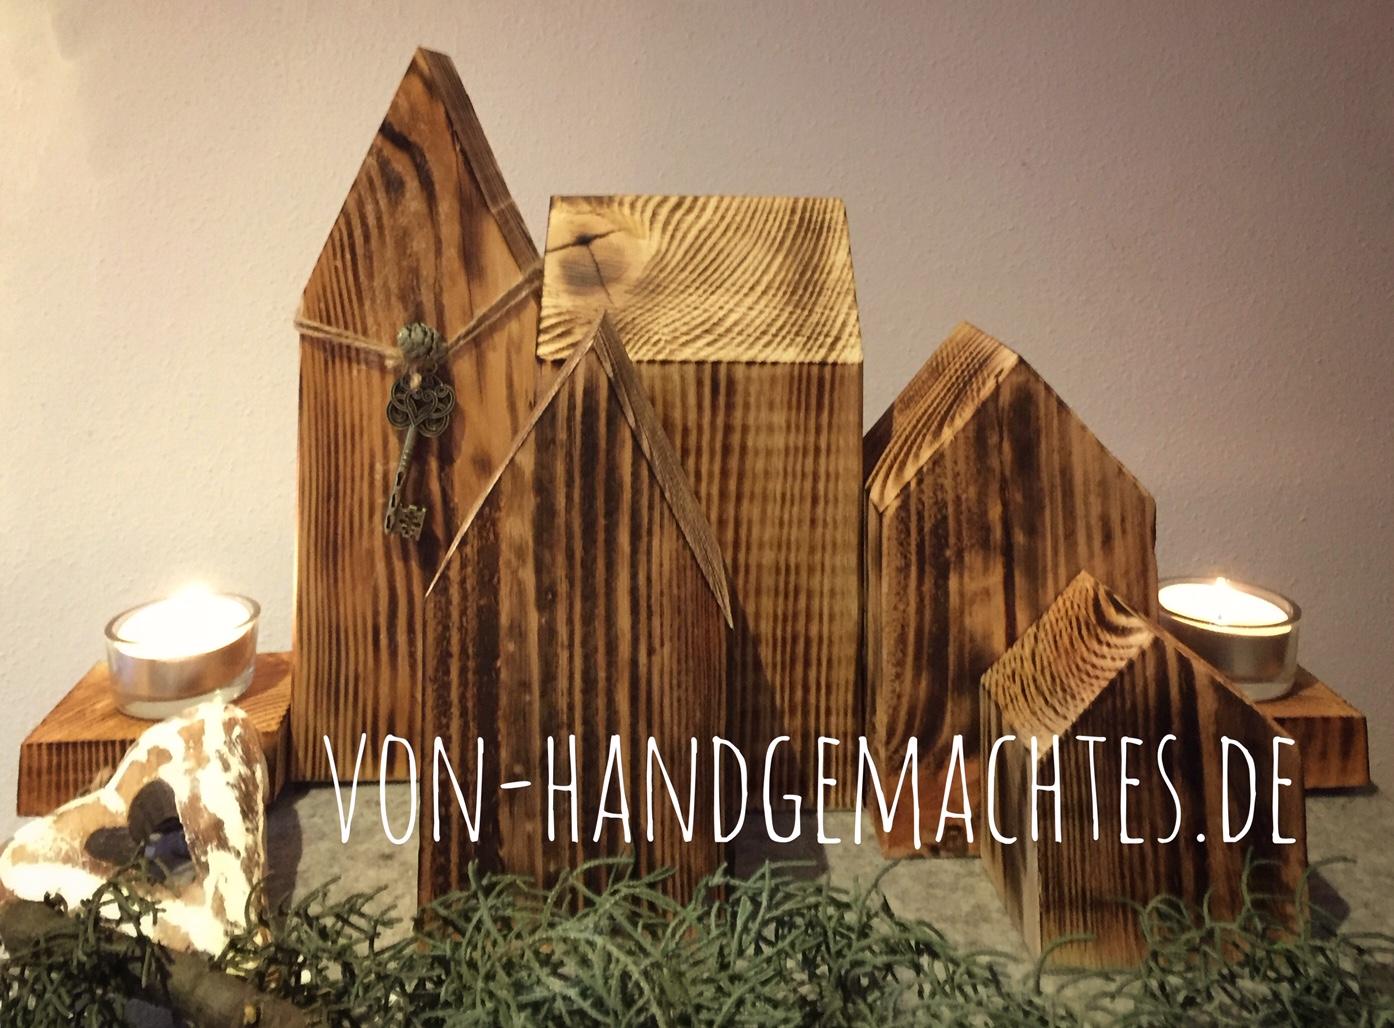 Holz Schiefer Von Handgemachtesde